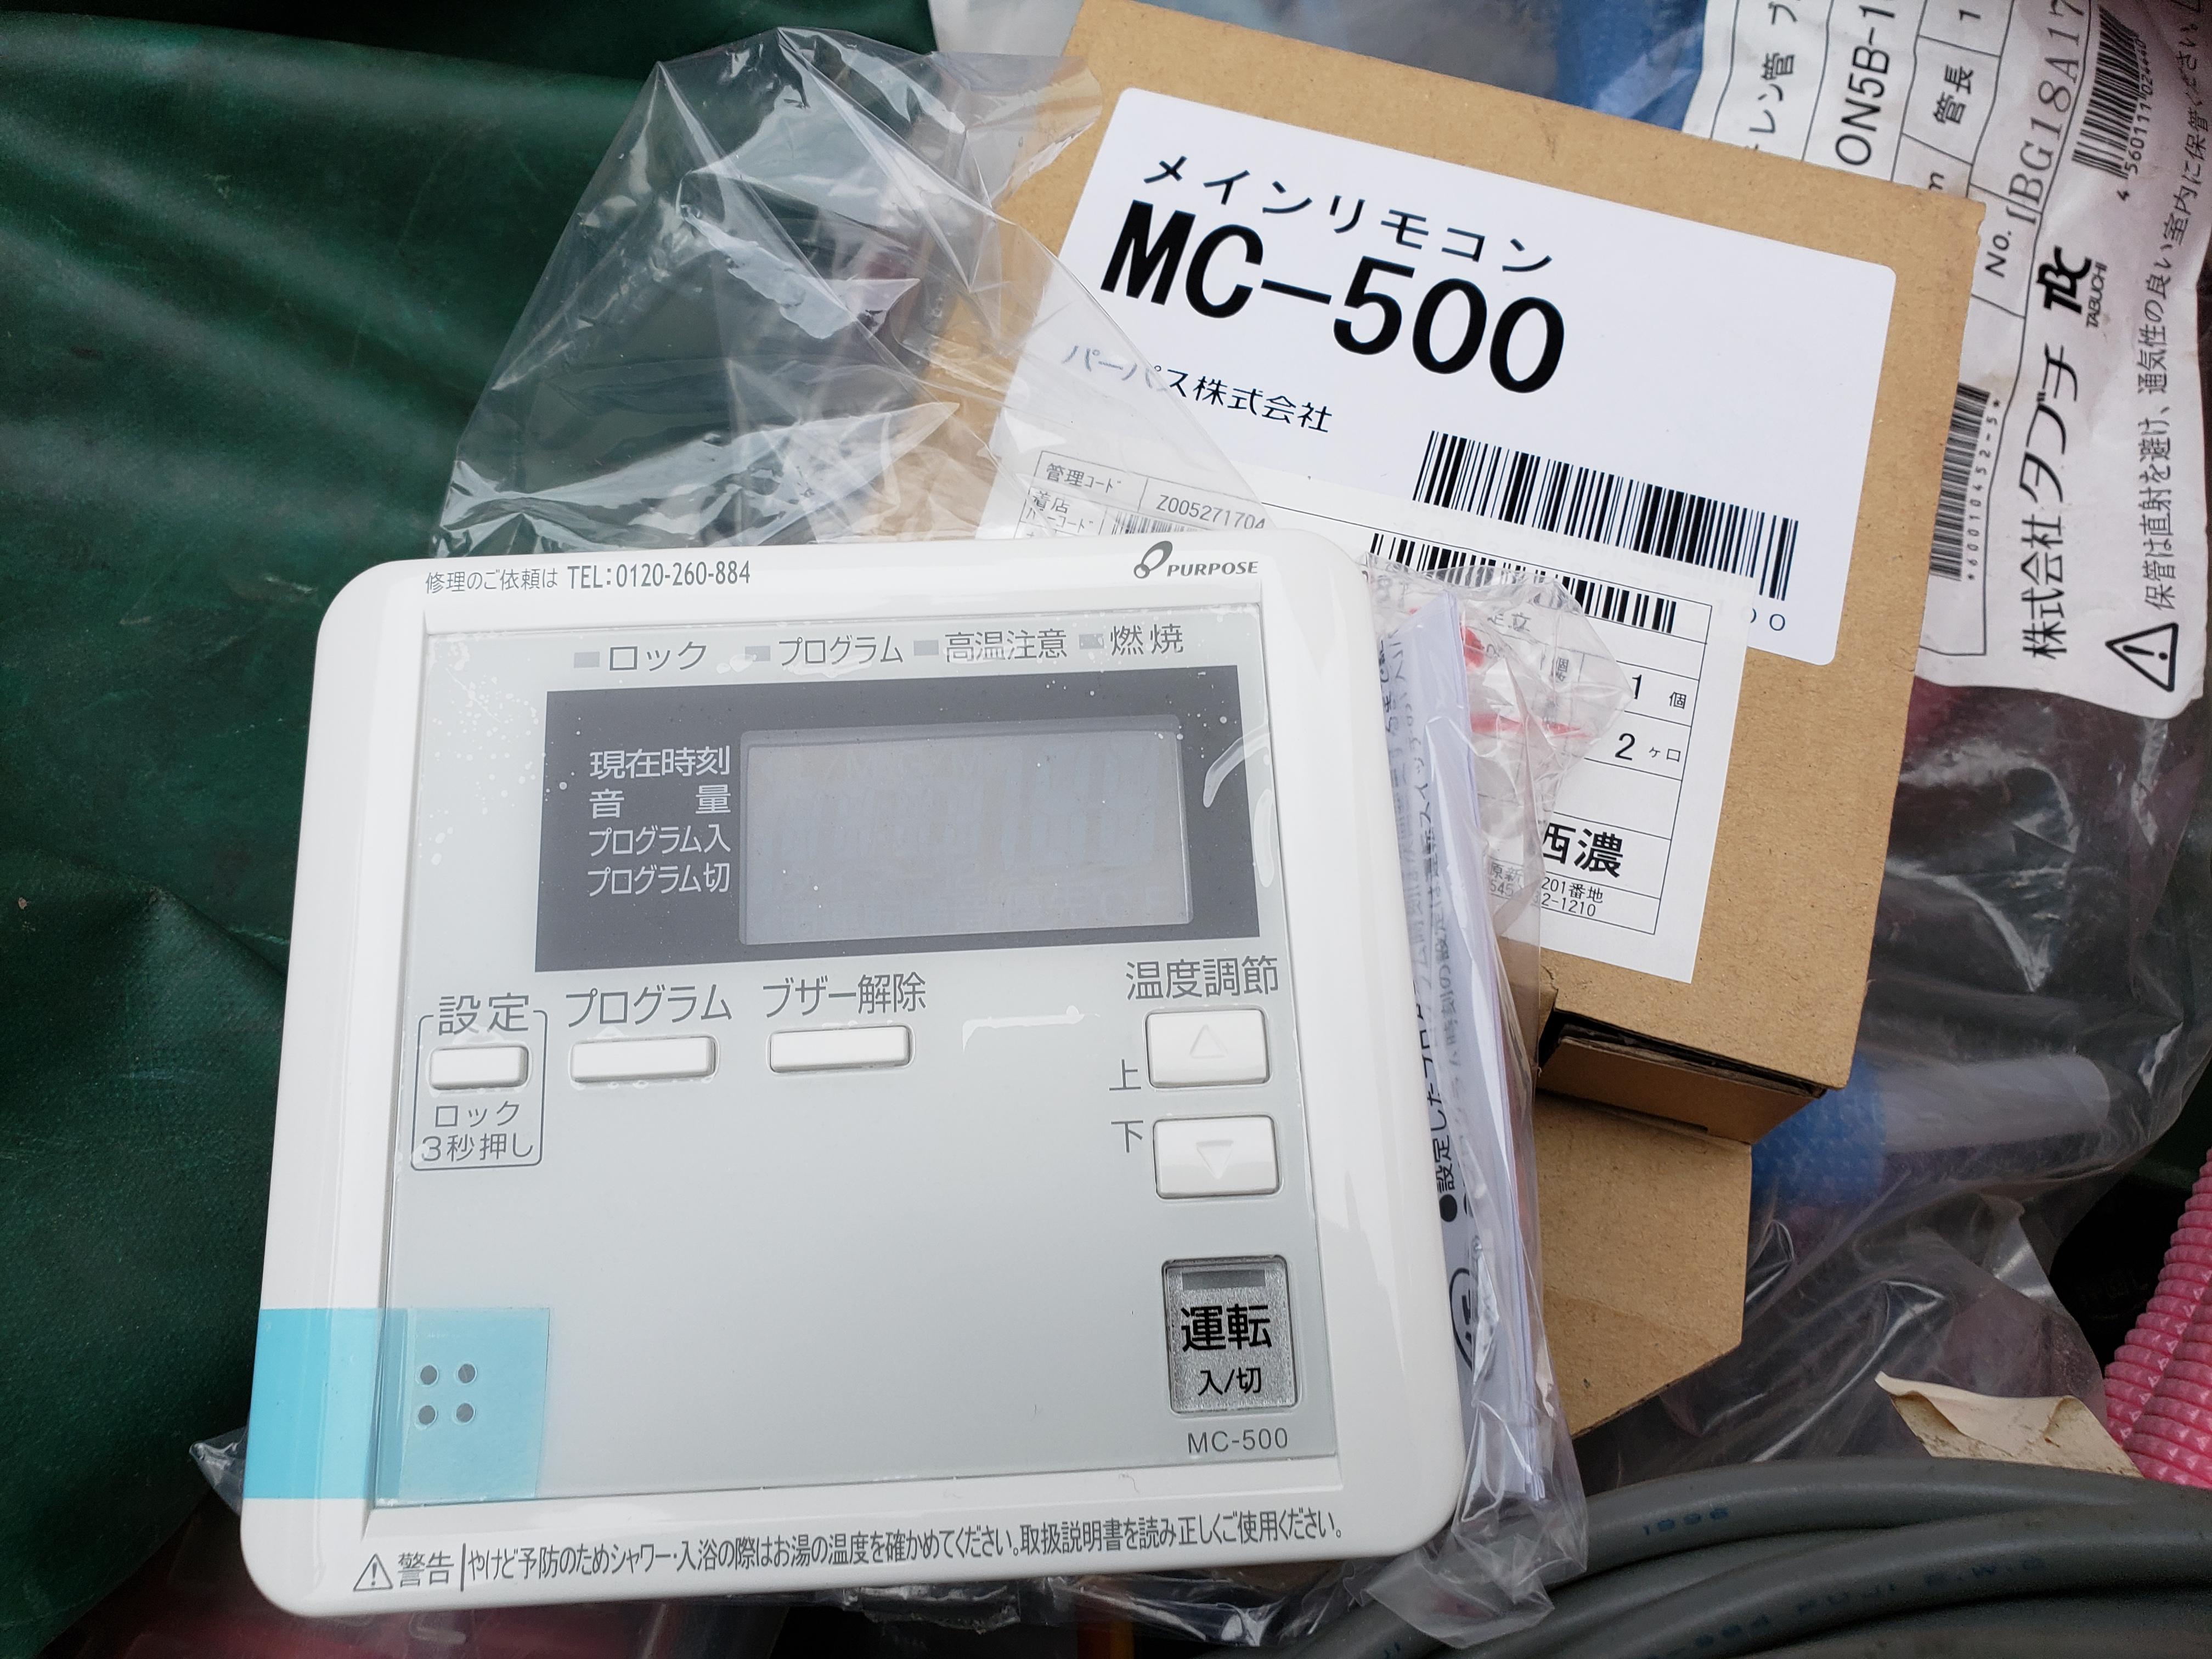 MC-500 パーパス給湯器リモコンリモコンを取り付けました。